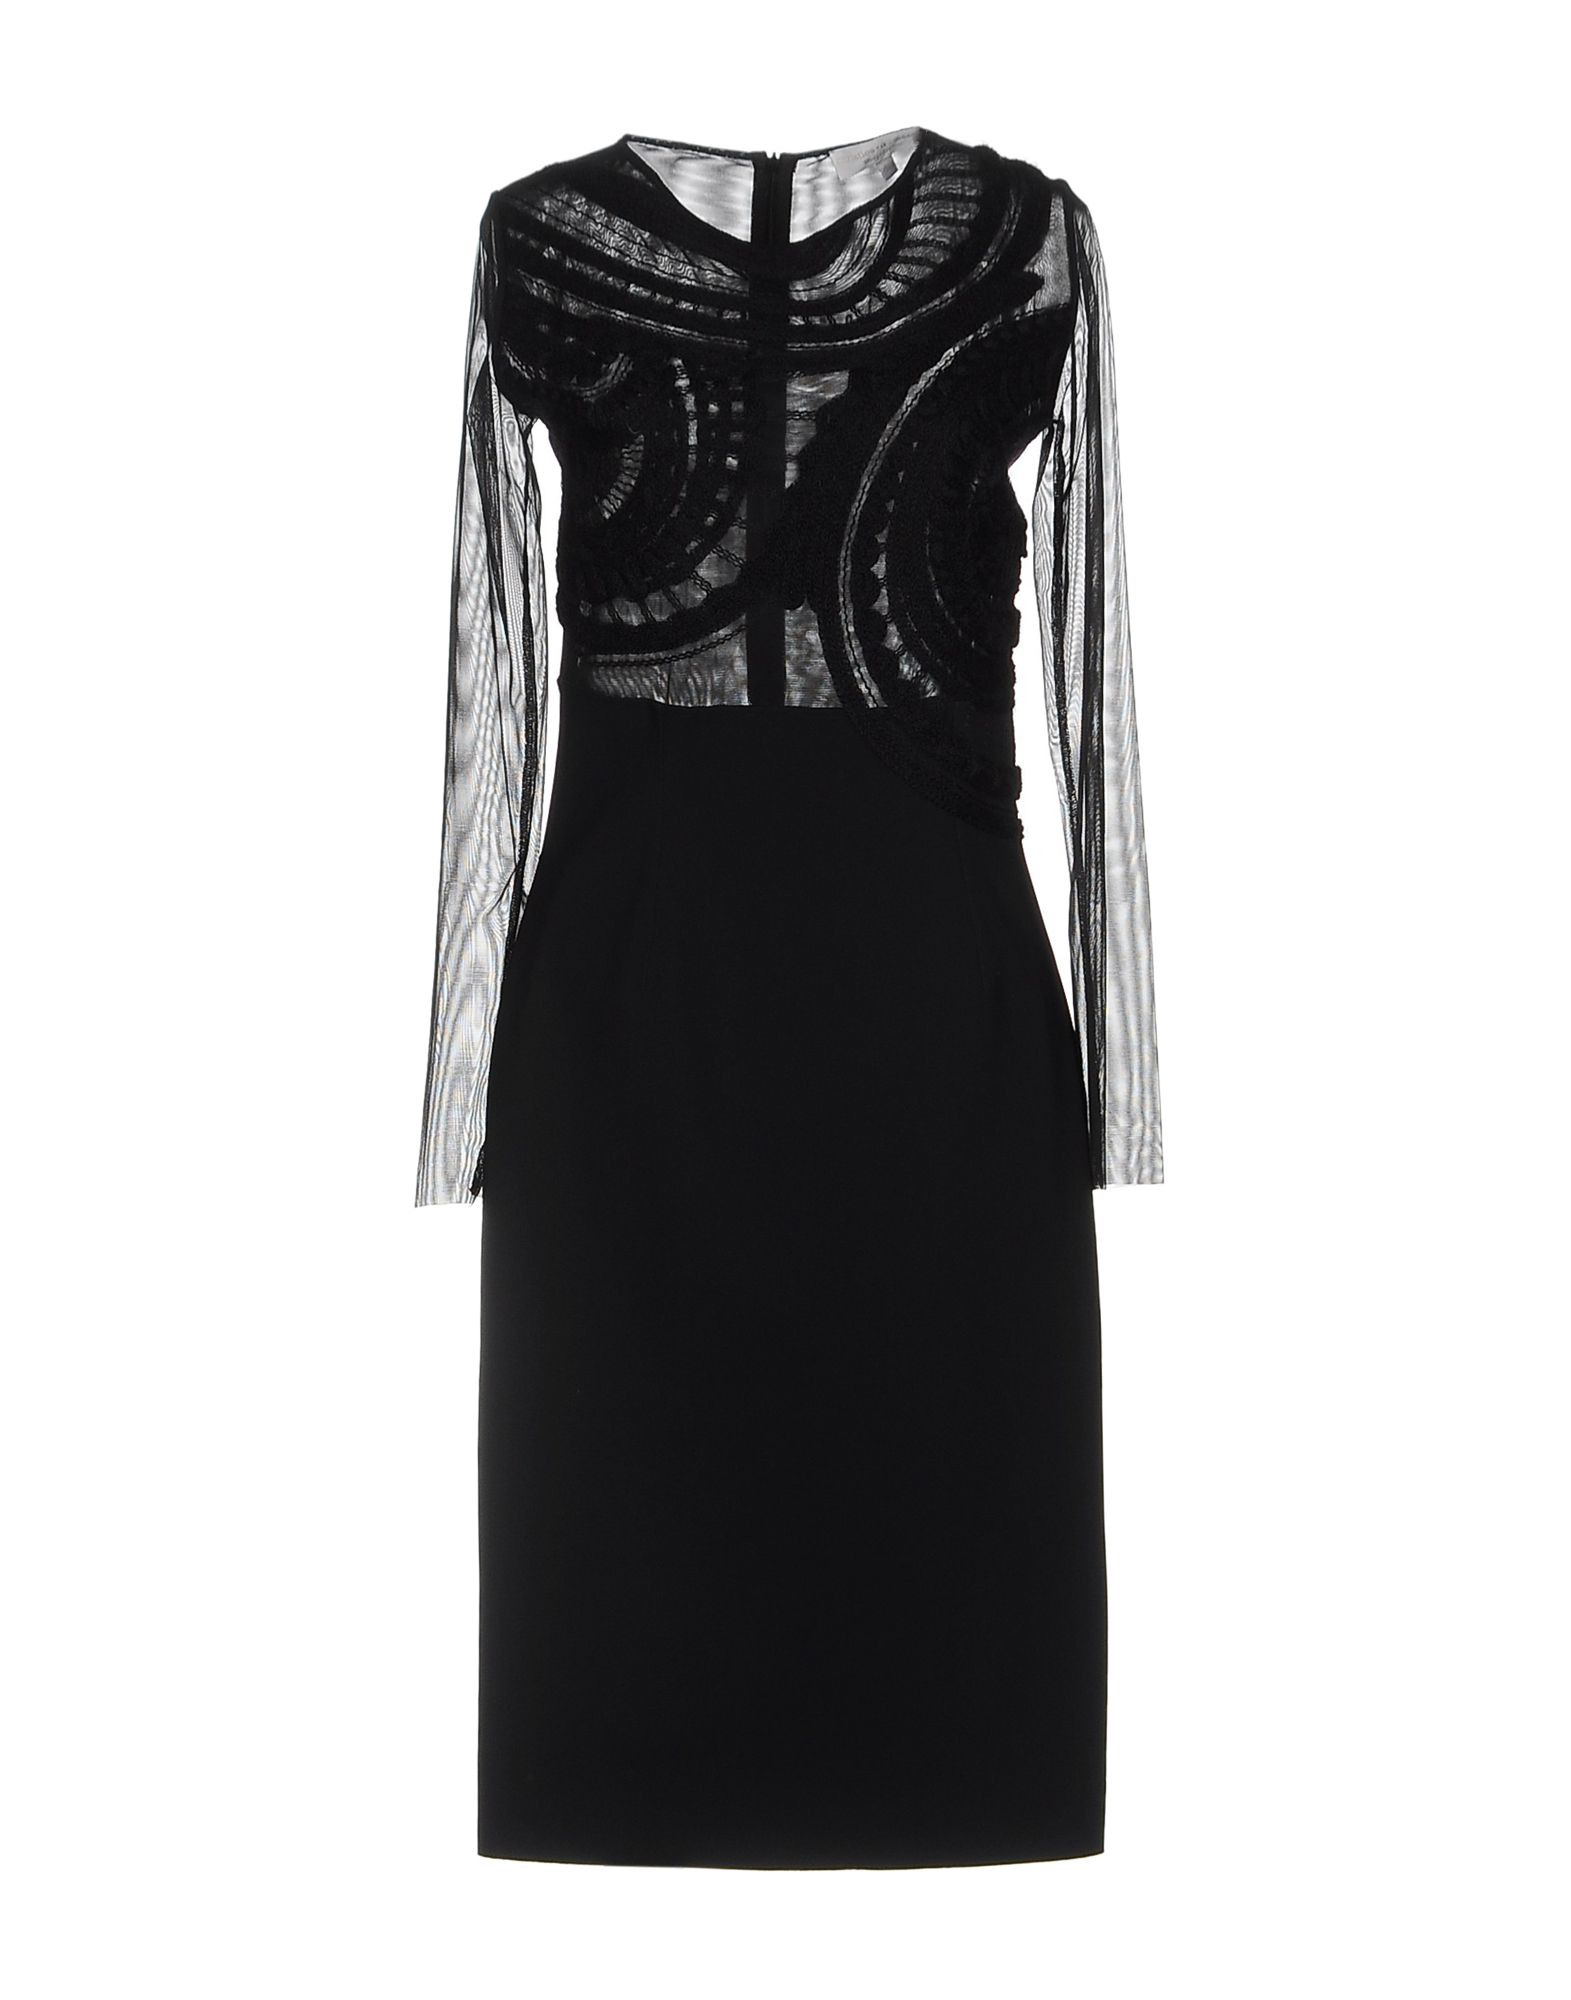 15 Elegant Abendkleid Yoox für 2019Formal Luxus Abendkleid Yoox Spezialgebiet